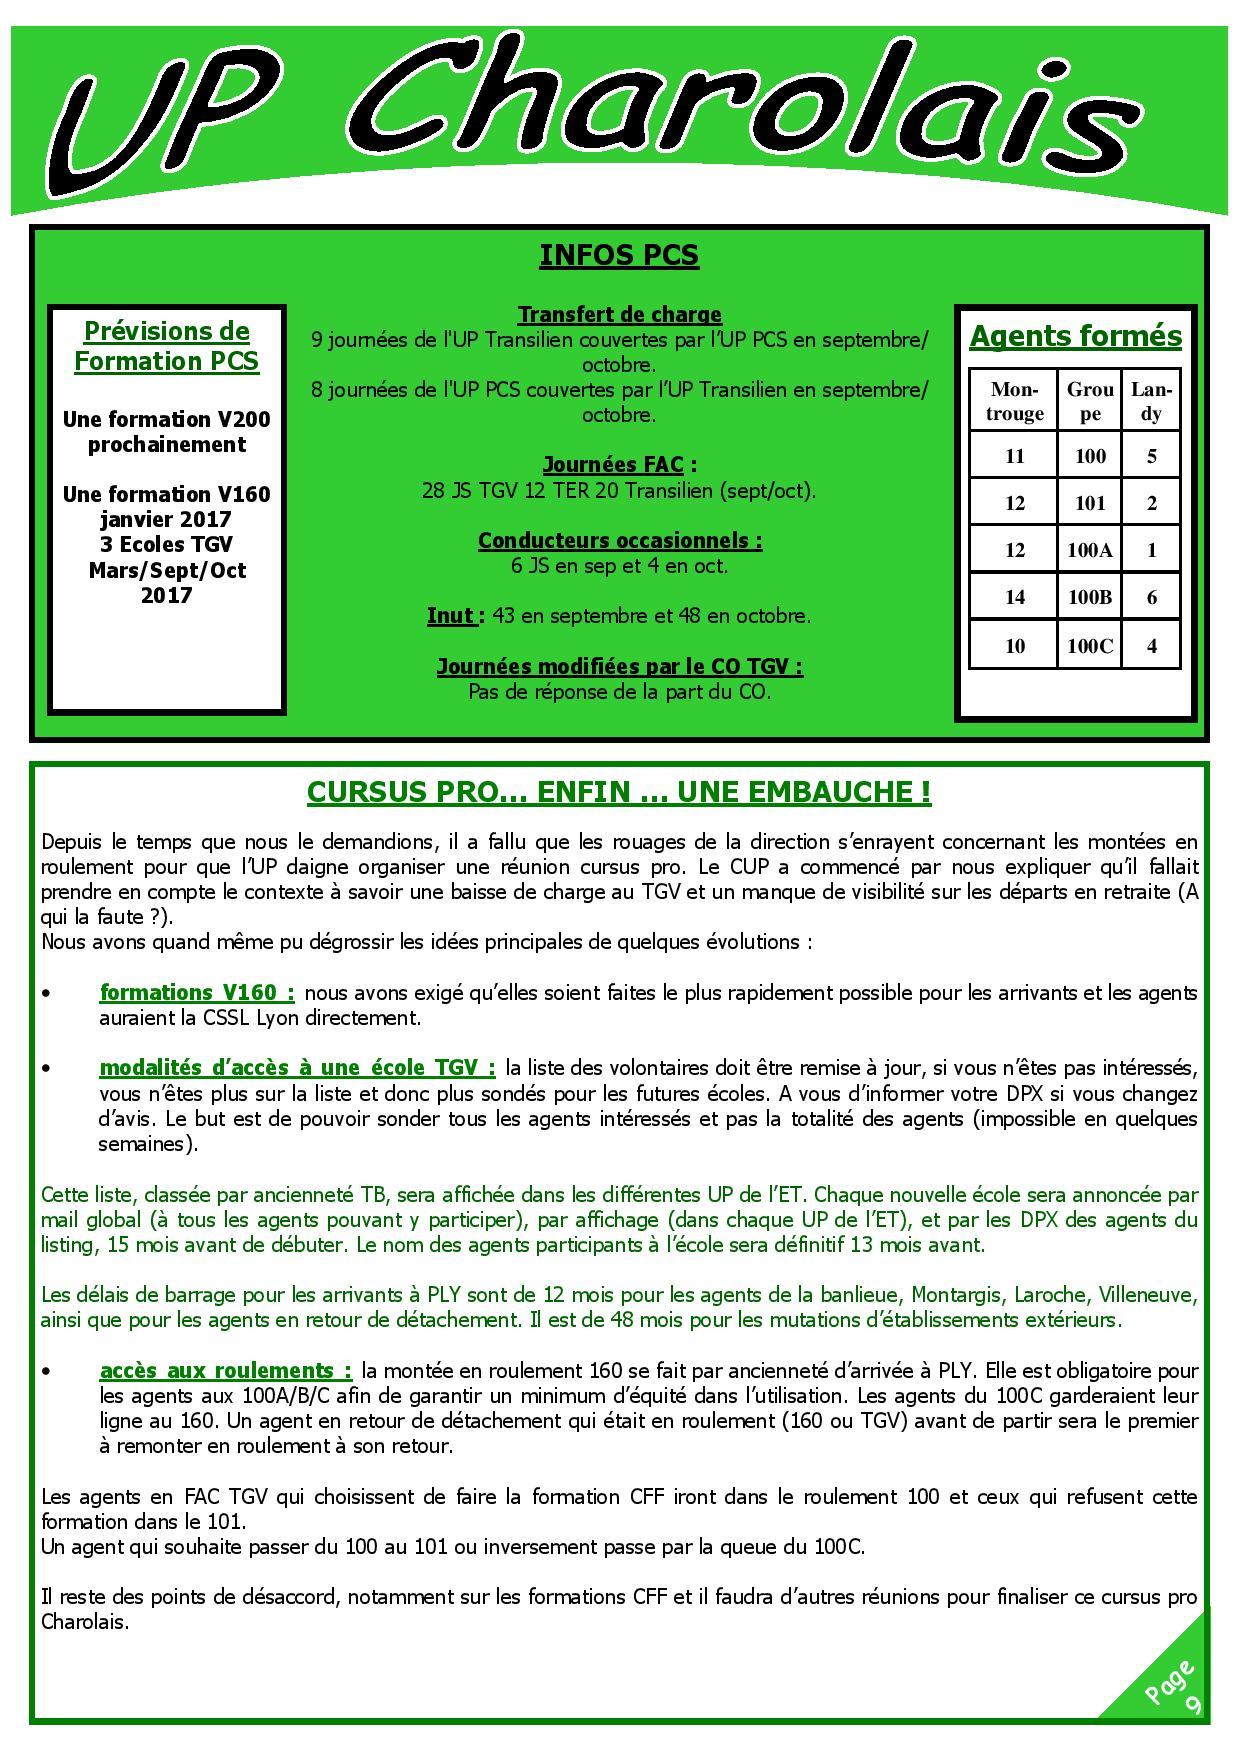 et-pse-crdp-11-2016-page-009